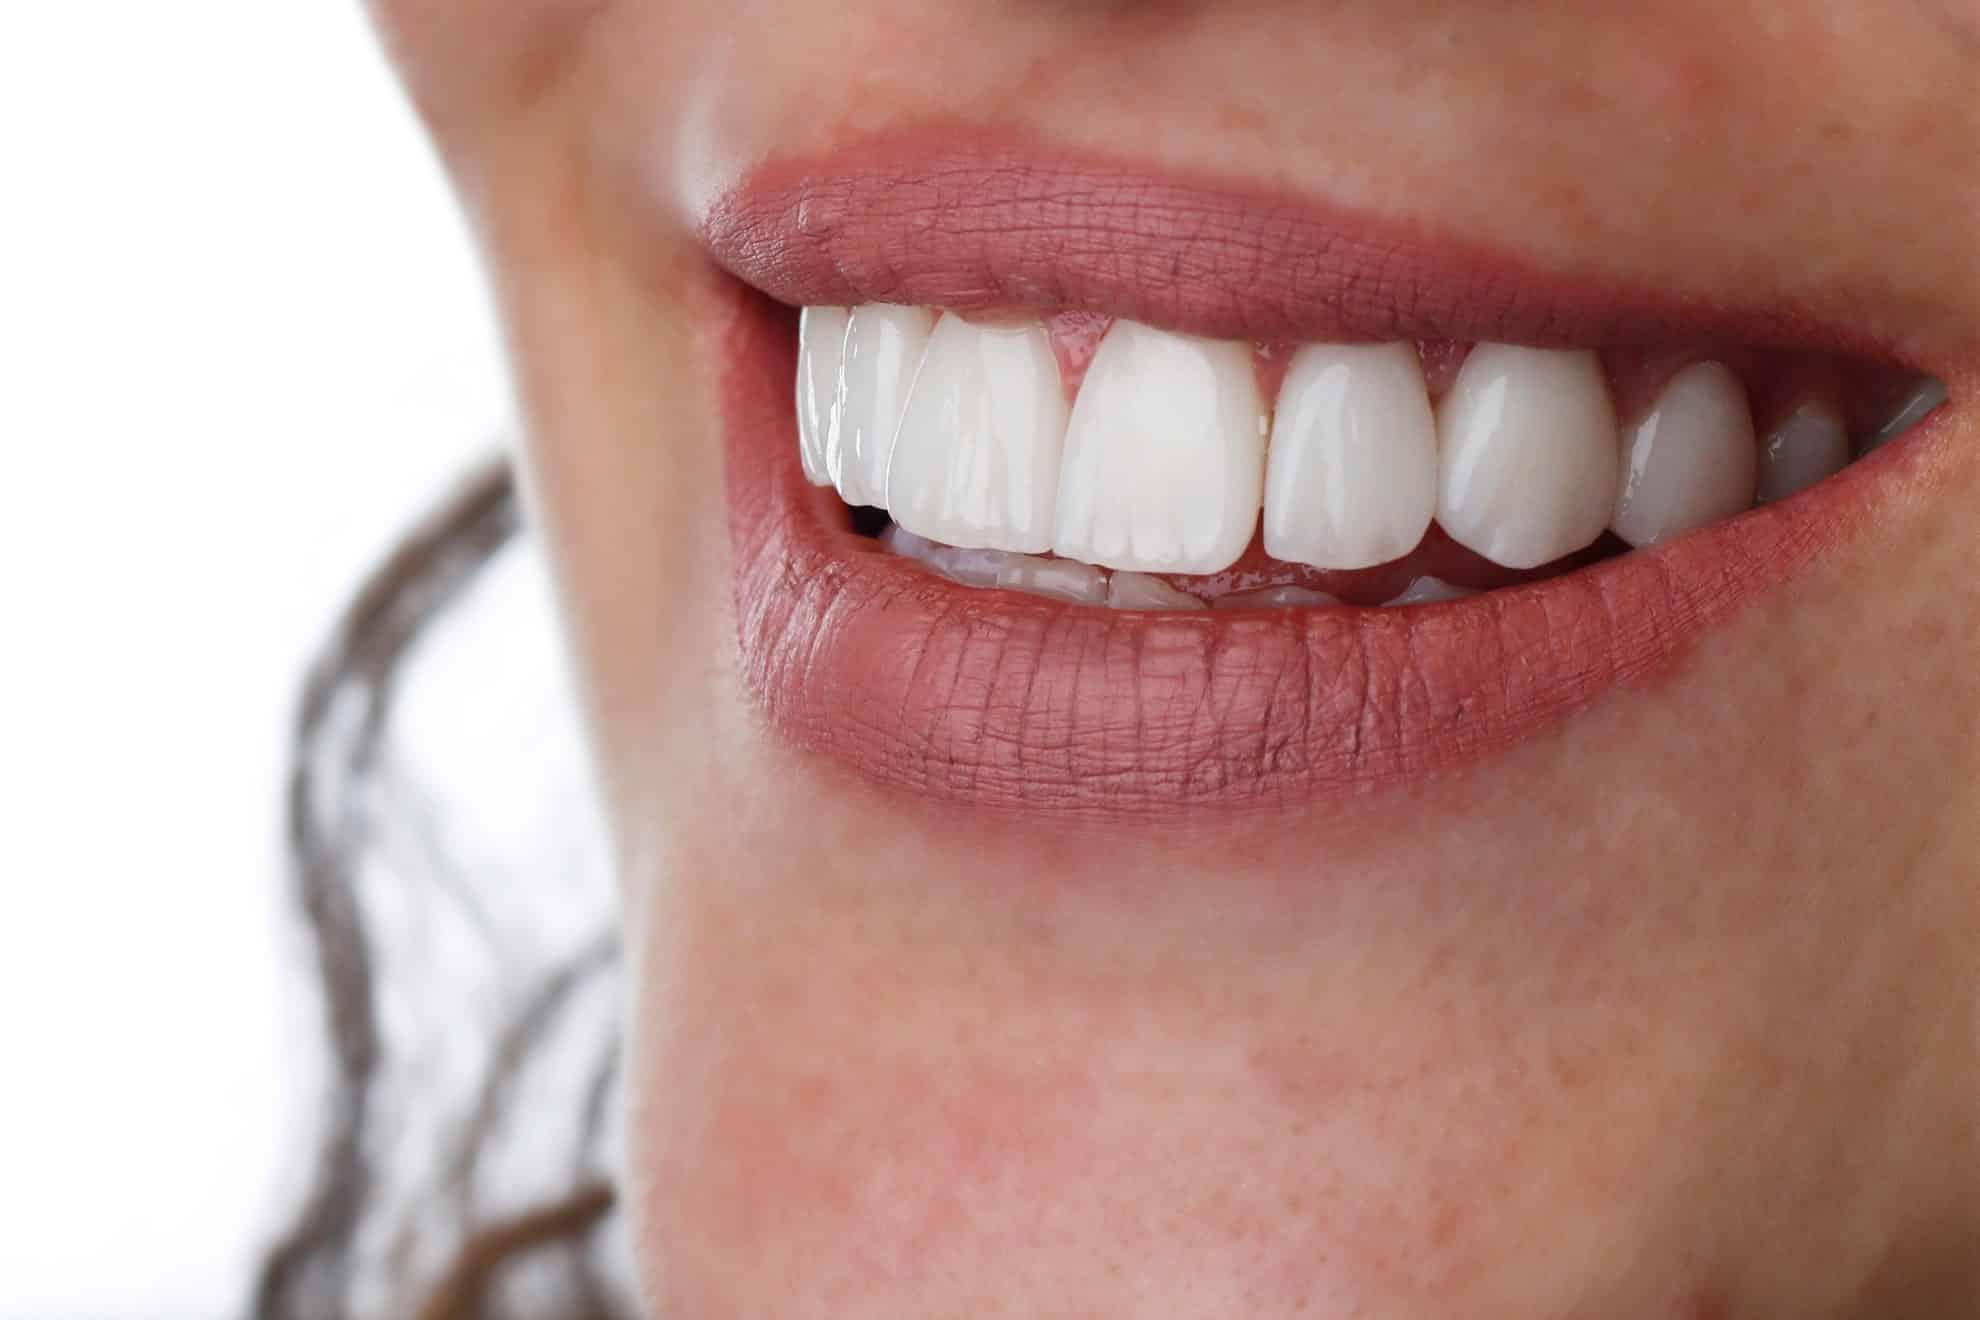 ציפוי חרסינה לשיניים יתרונות וחסרונות